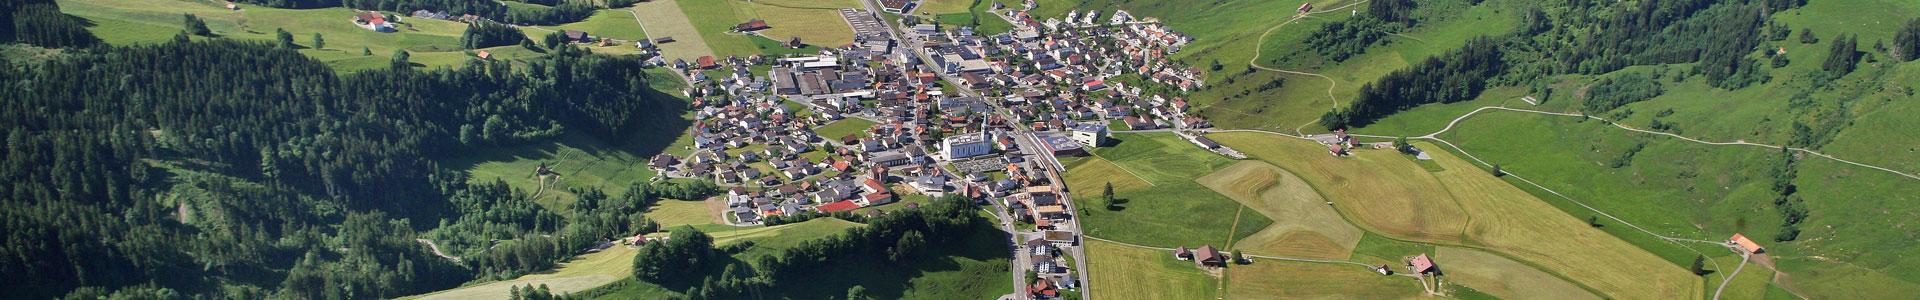 Luftbild Rothenthurm im Sommer